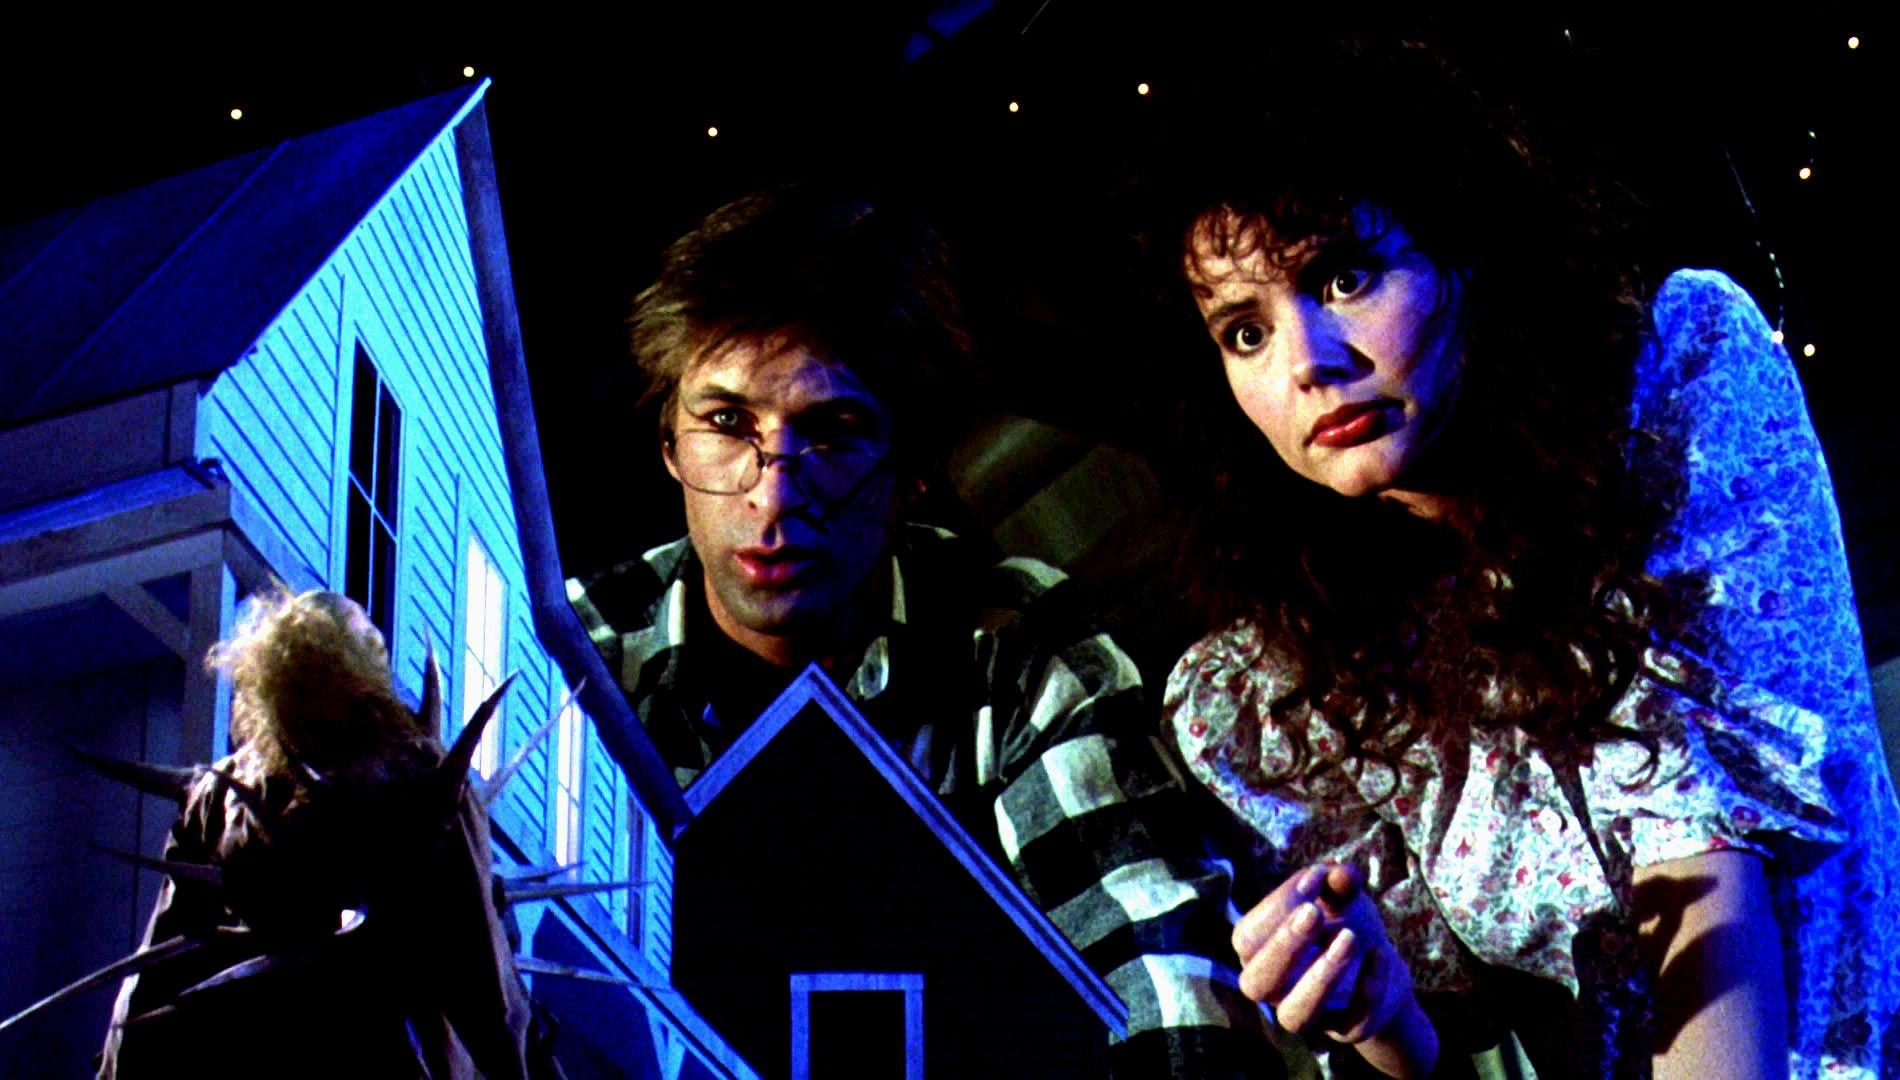 beetlejuice comedy fantasy dark movie film horror